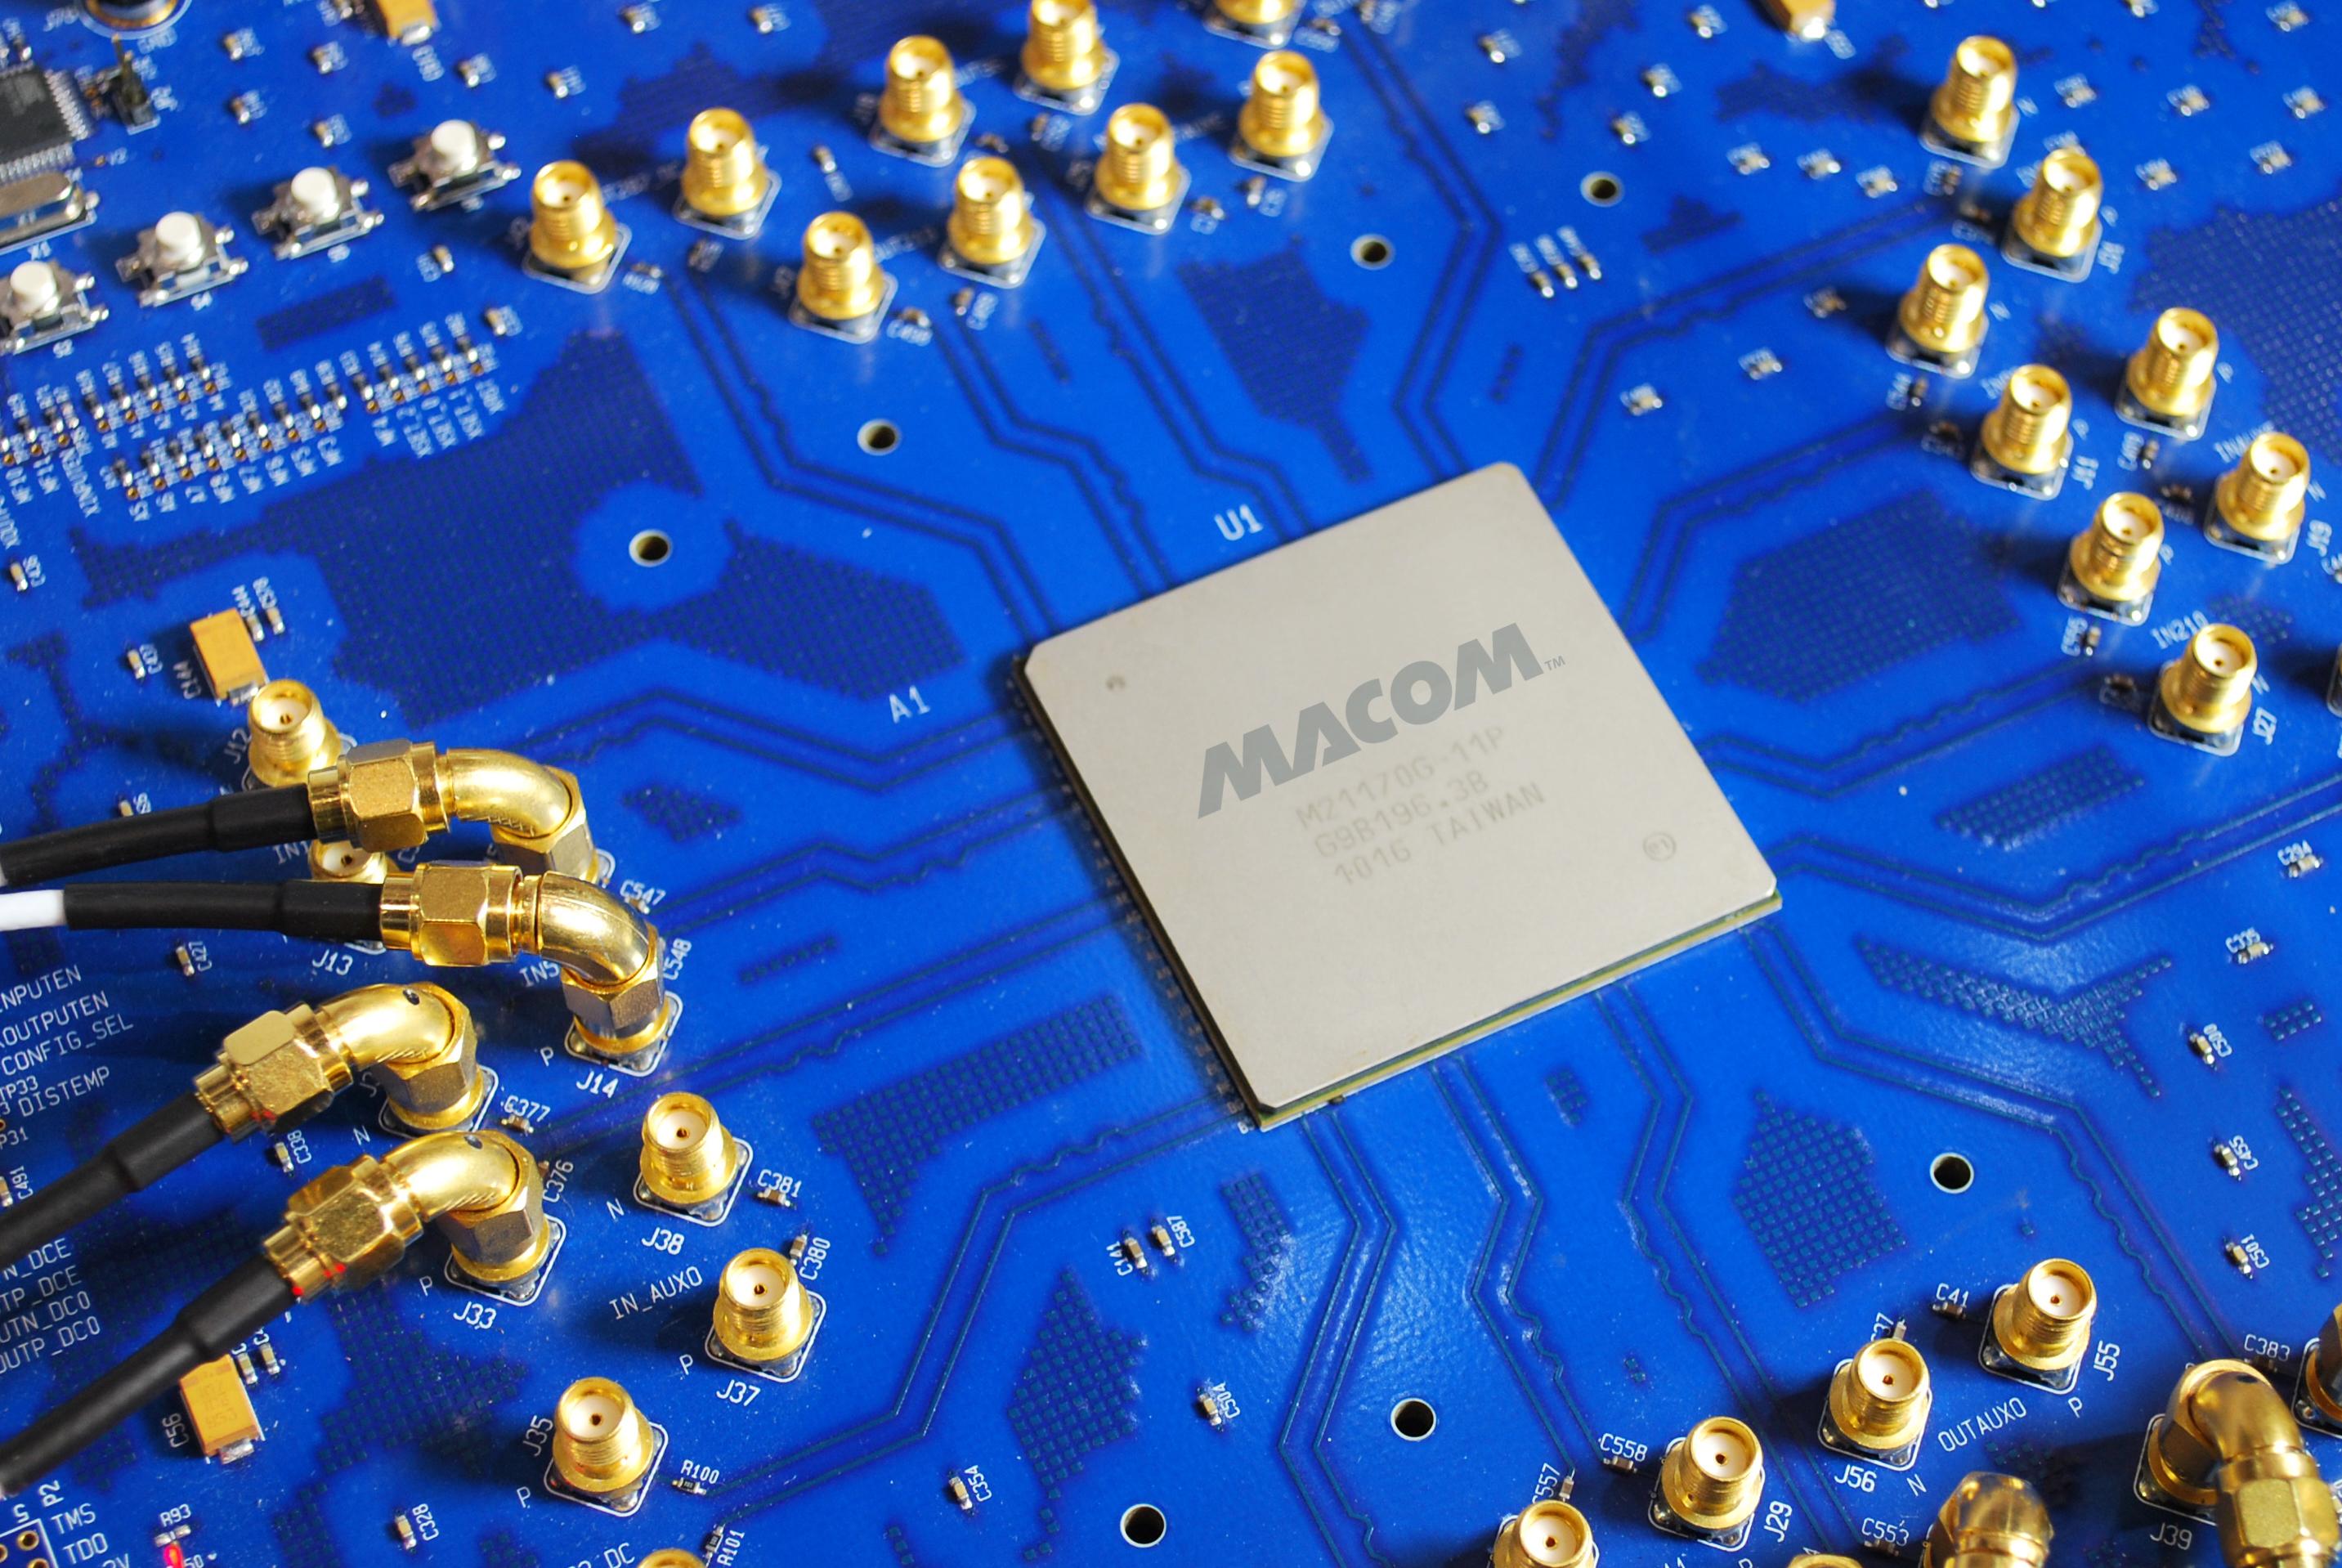 A MACOM chip.